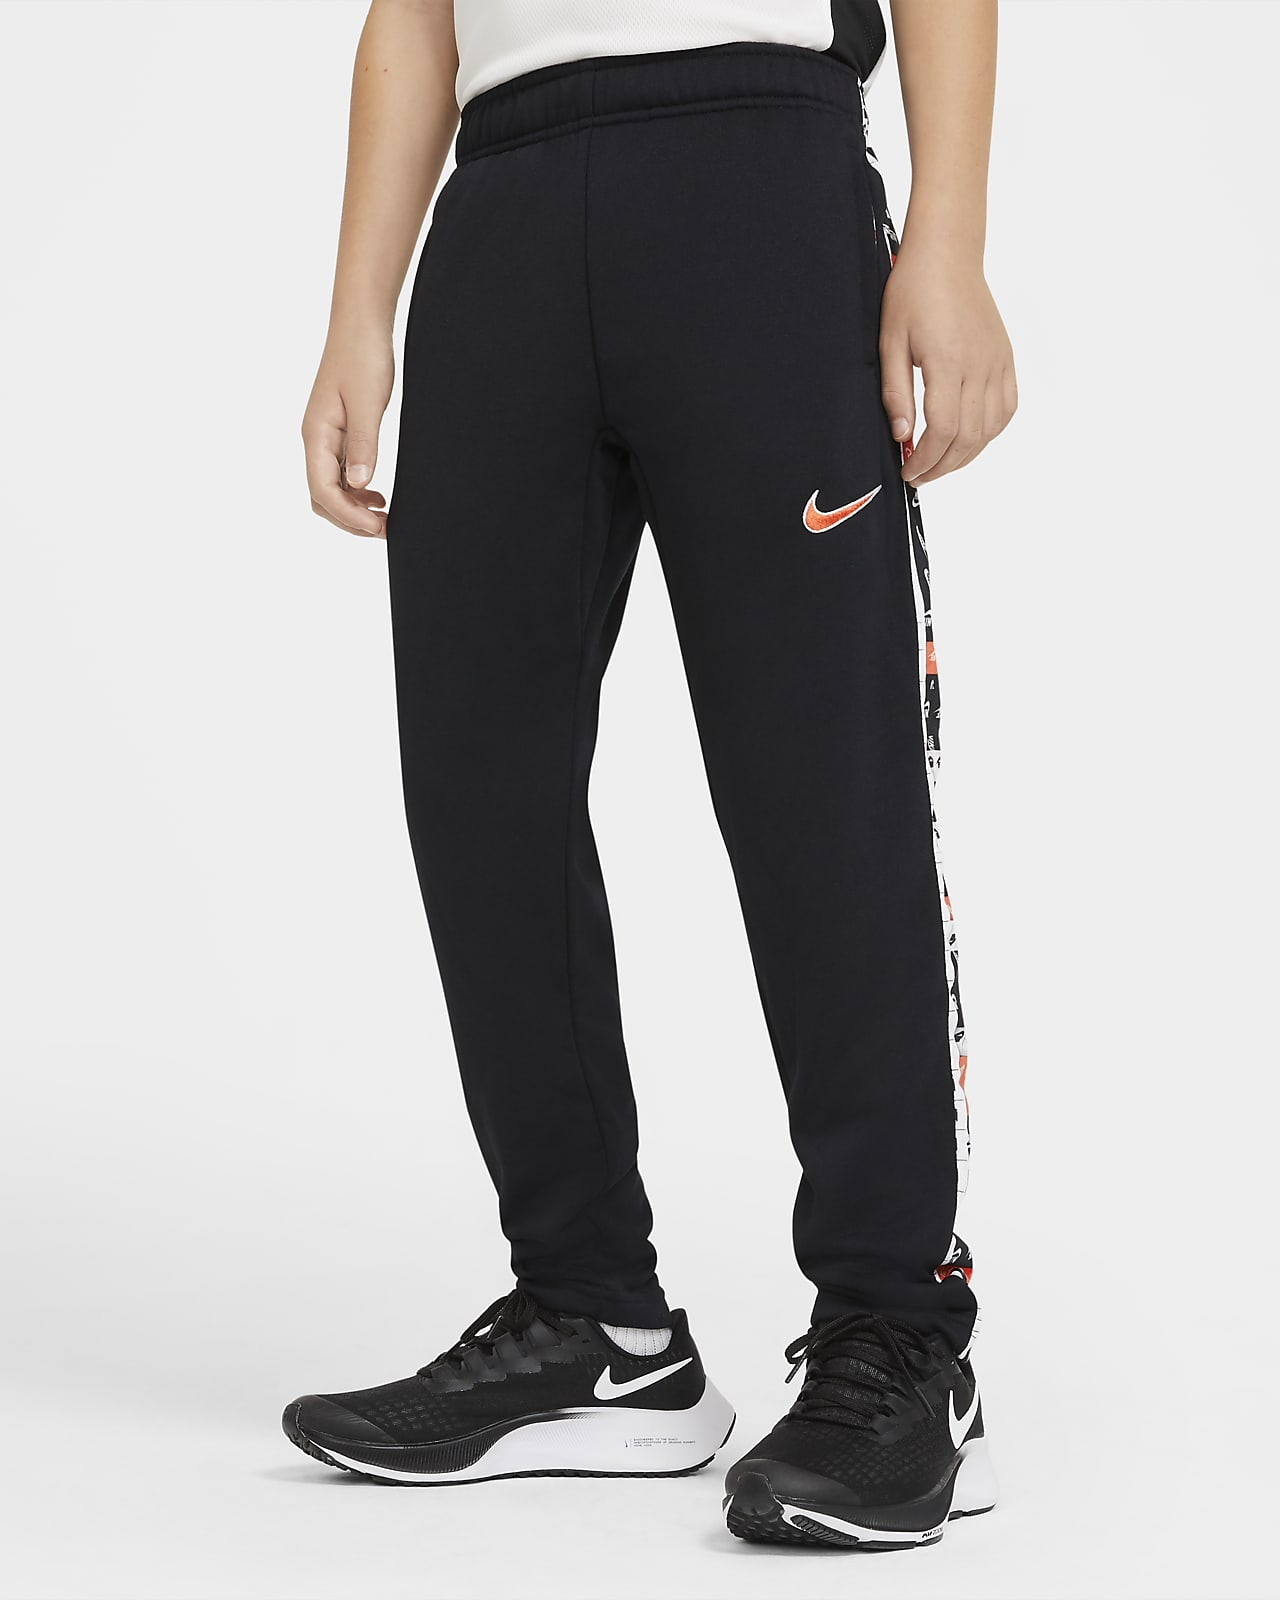 Nike Dri-FIT schmal zulaufende Trainingshose mit Grafik für ältere Kinder (Jungen)